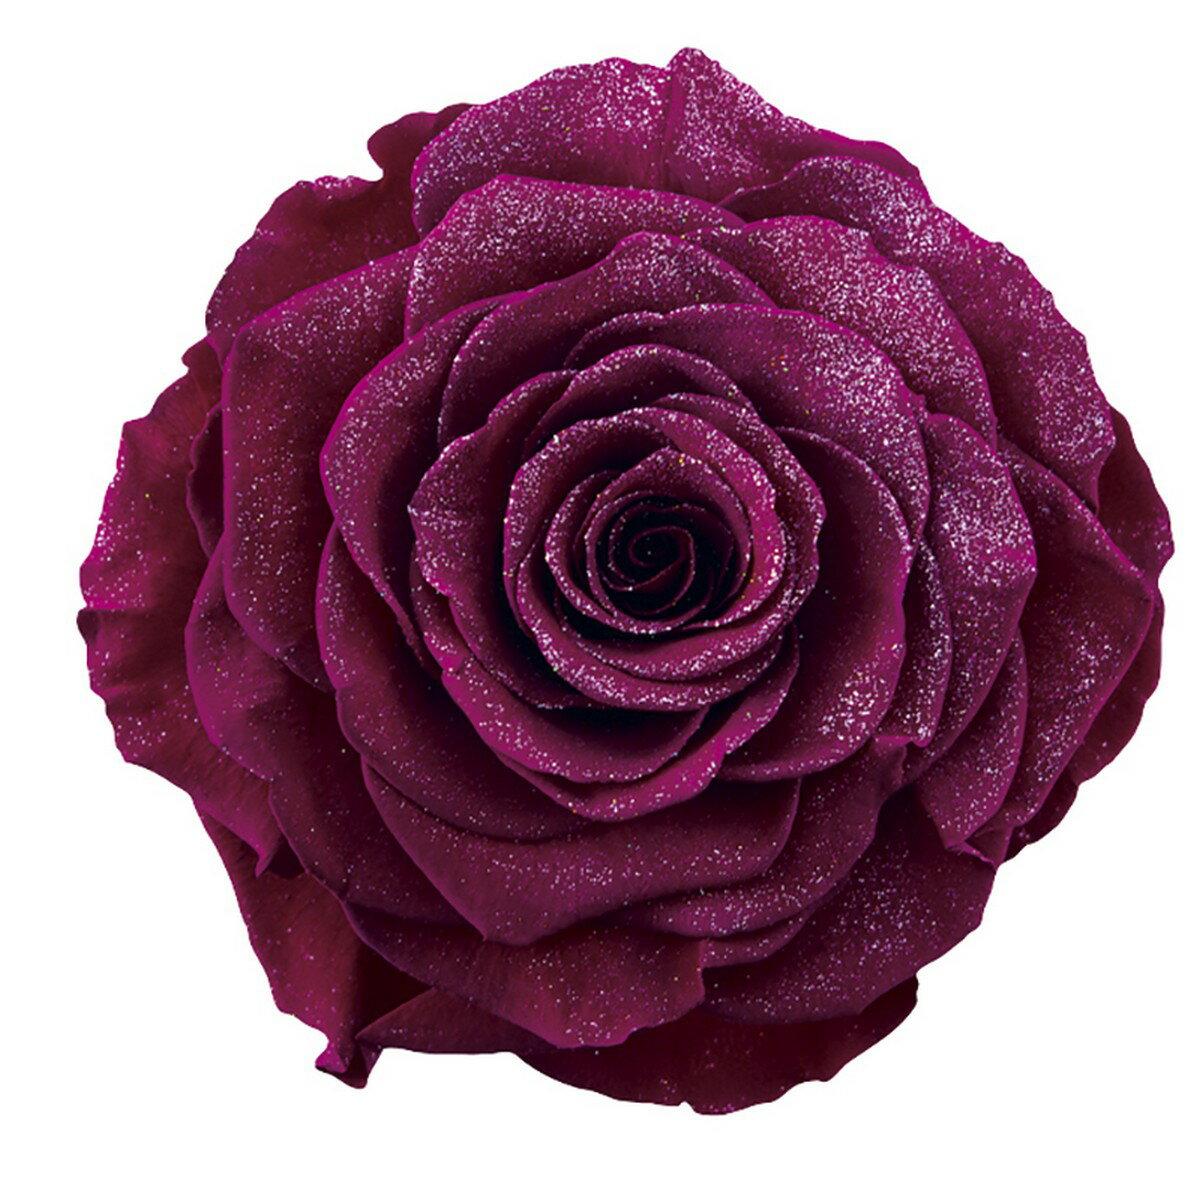 【プリザーブド】アモローサ/ダイヤモンドリンダ 1輪 リッチプラム/1109-52【01】【01】【取寄】《 プリザーブドフラワー プリザーブドフラワー花材 バラ(ローズ) 》